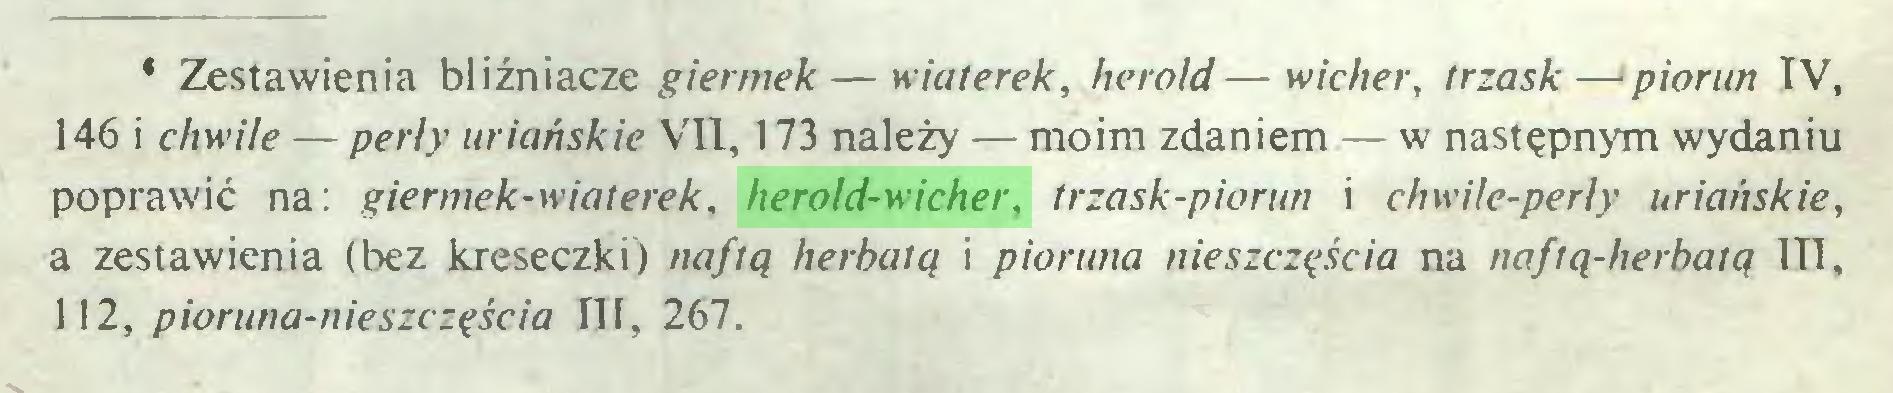 (...) * Zestawienia bliźniacze giermek — wiaterek, herold—wicher, trzask—piorun IV, 146 i chwile — perły uriańskie VII, 173 należy — moim zdaniem — w następnym wydaniu poprawić na: giermek-wiaterek, herold-wicher, trzask-piorun i cliwile-perly uriańskie, a zestawienia (bez kreseczki) naftą herbatą i pioruna nieszczęścia na naftą-herbatą 1T1, 112, pioruna-nieszczęścia III, 267...